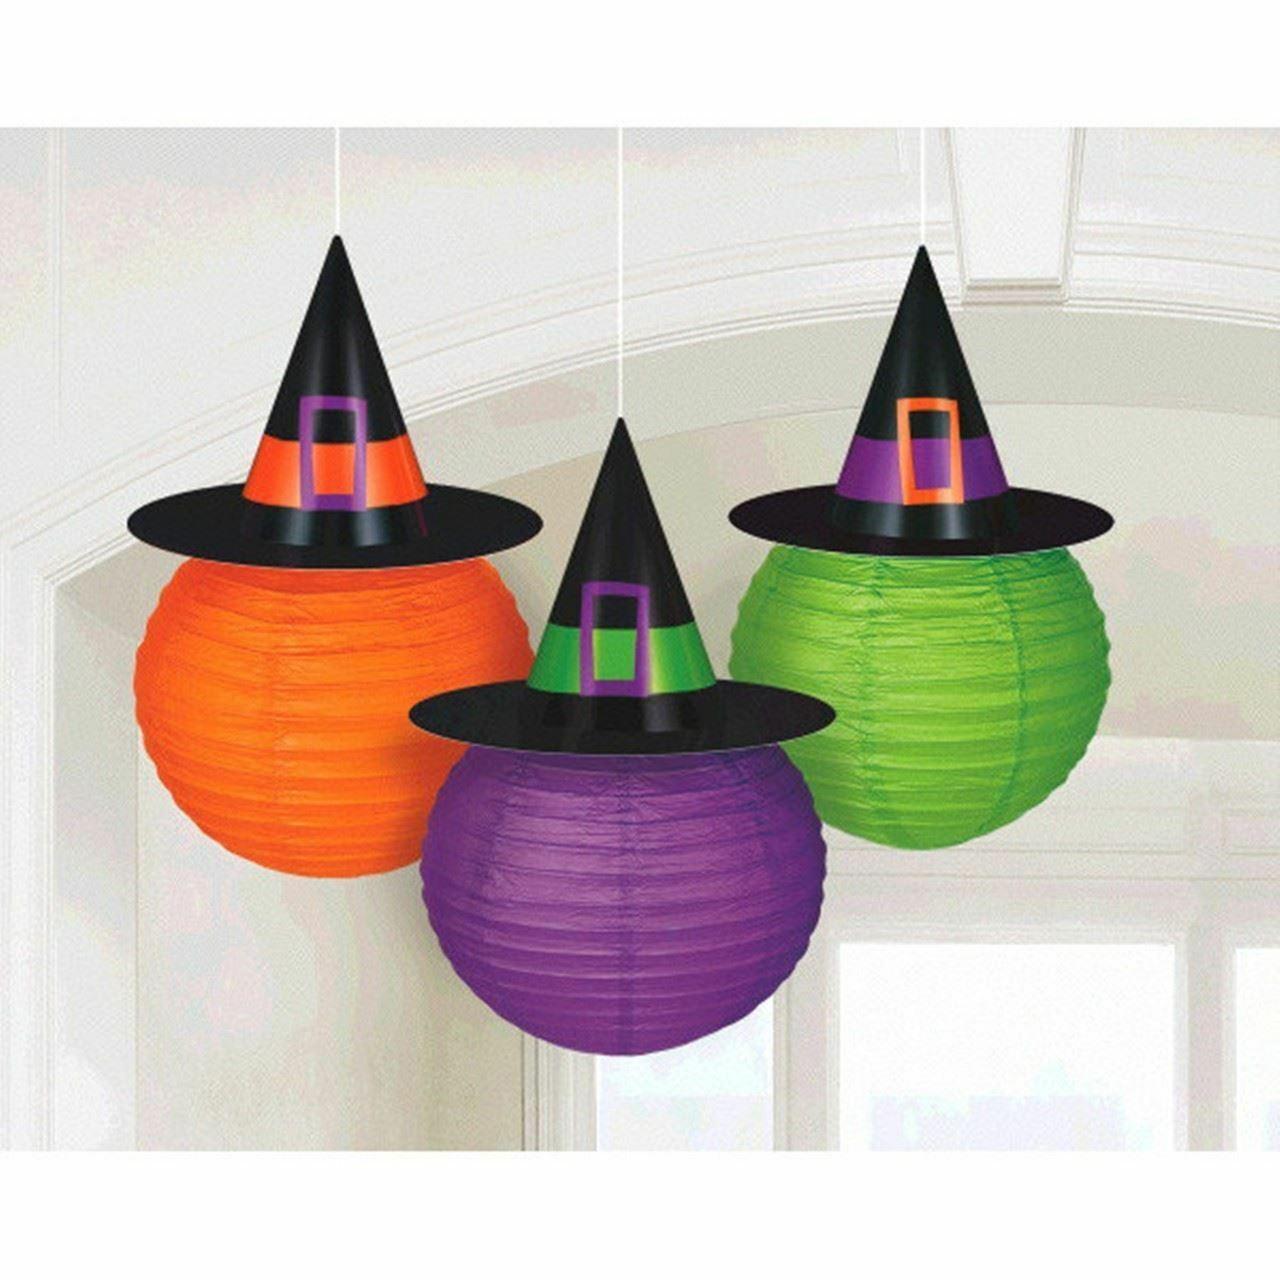 3 Lanterns Witch Hat Halloween Orange Green Purple - $16.33